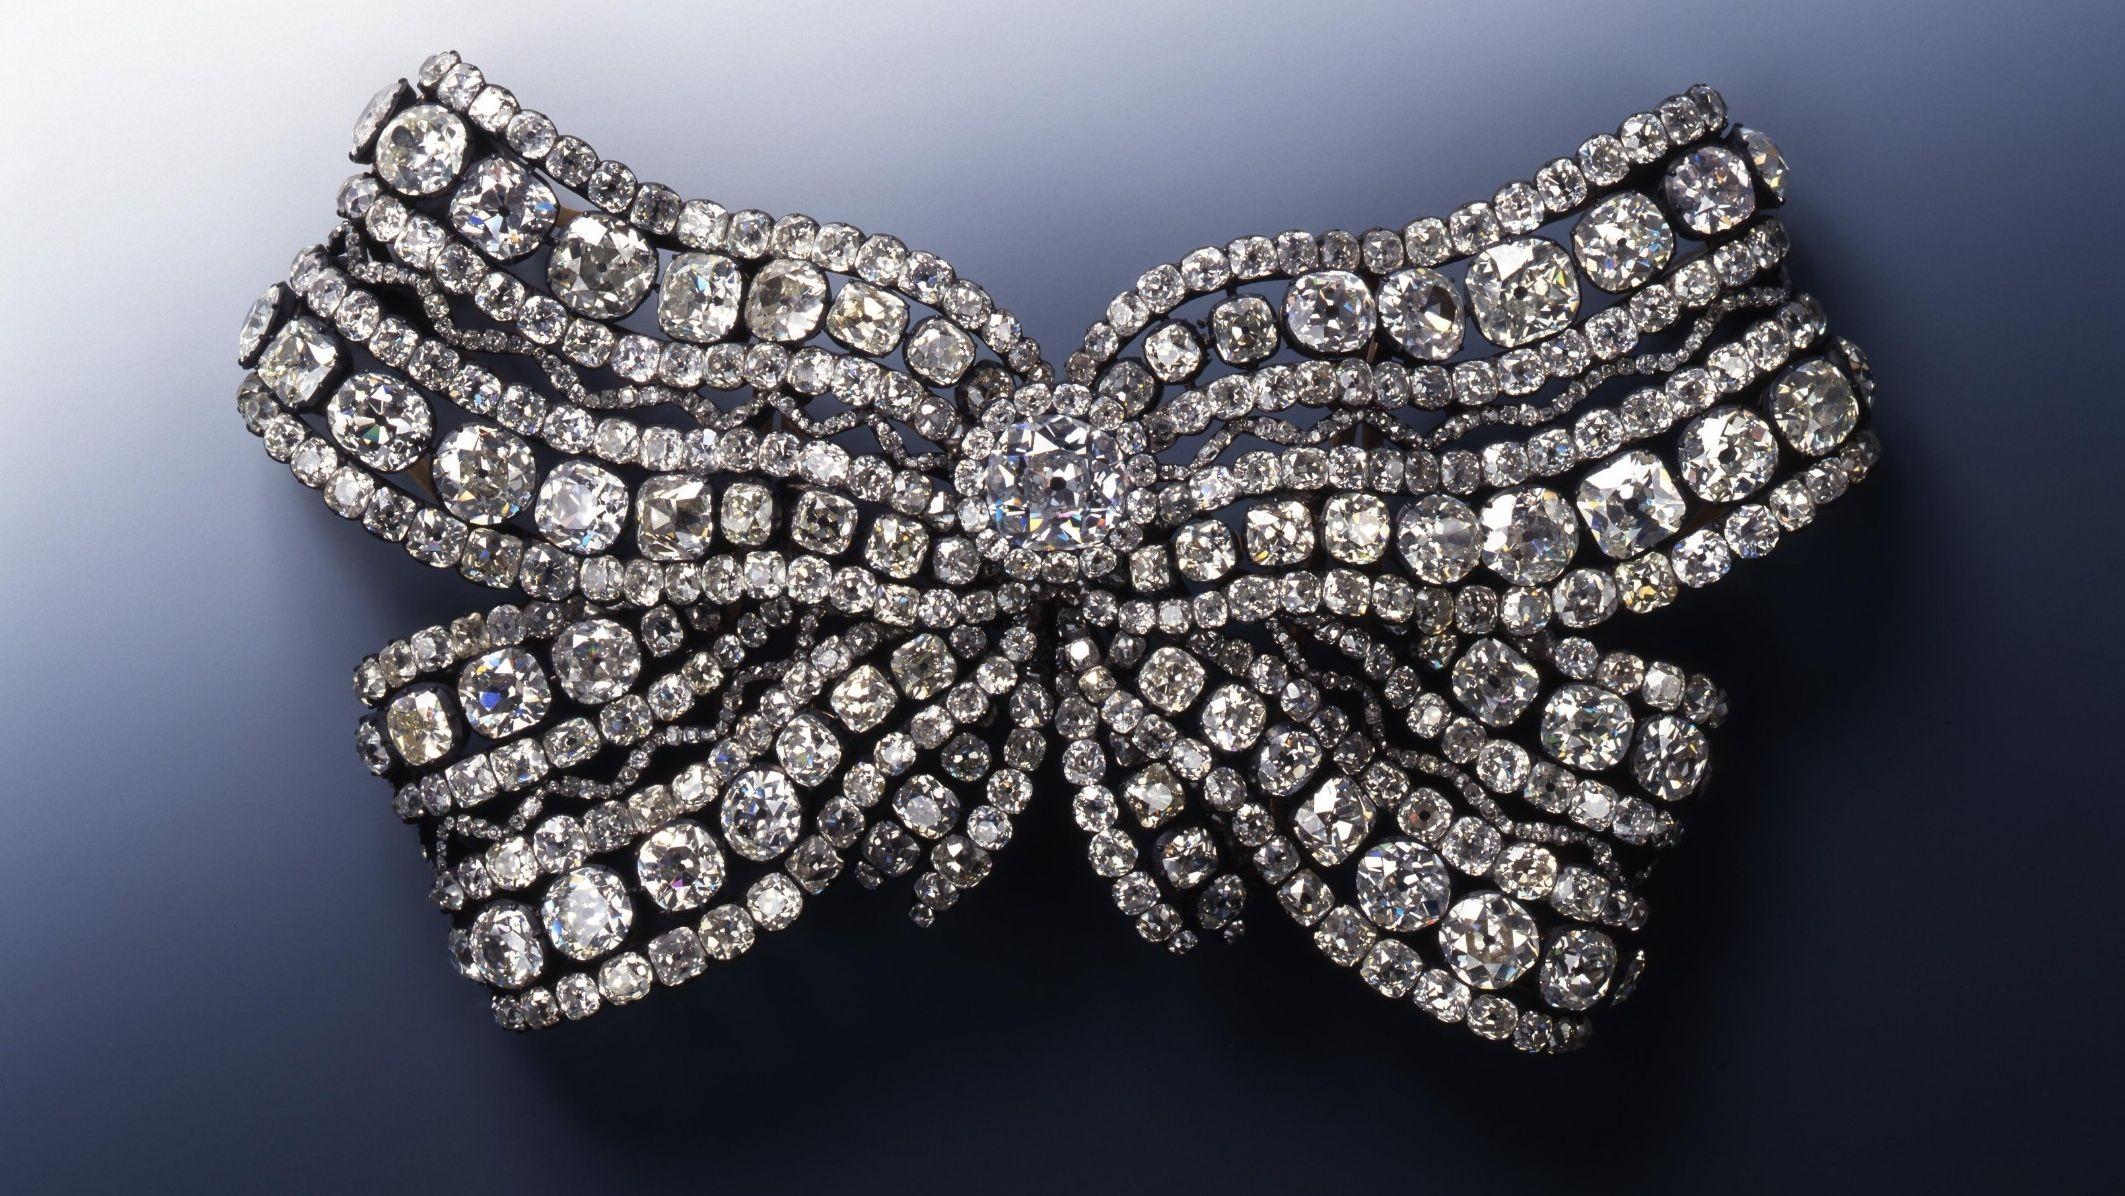 Große Brustschleife der Königin Amalie Auguste: Brillantenschmuck auf blauem Grund